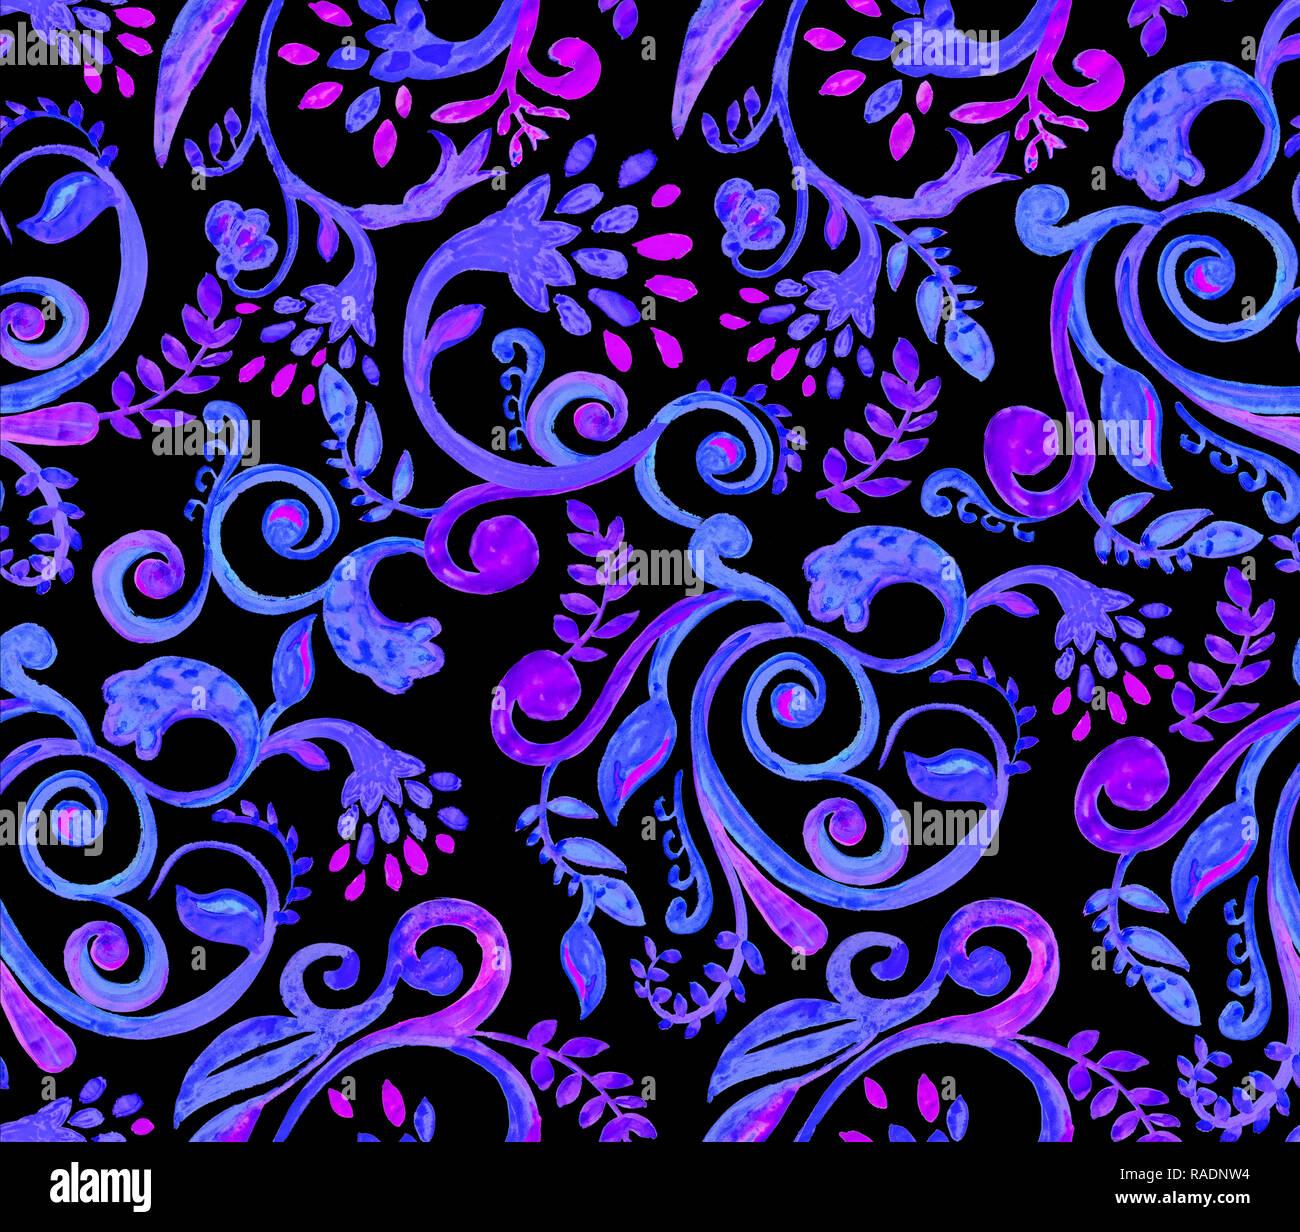 0daed7fbaf909e Blaue Blumen Muster auf schwarzem Hintergrund. Hand Made Aquarell nahtlose  Textur für Kleidung, Stoff